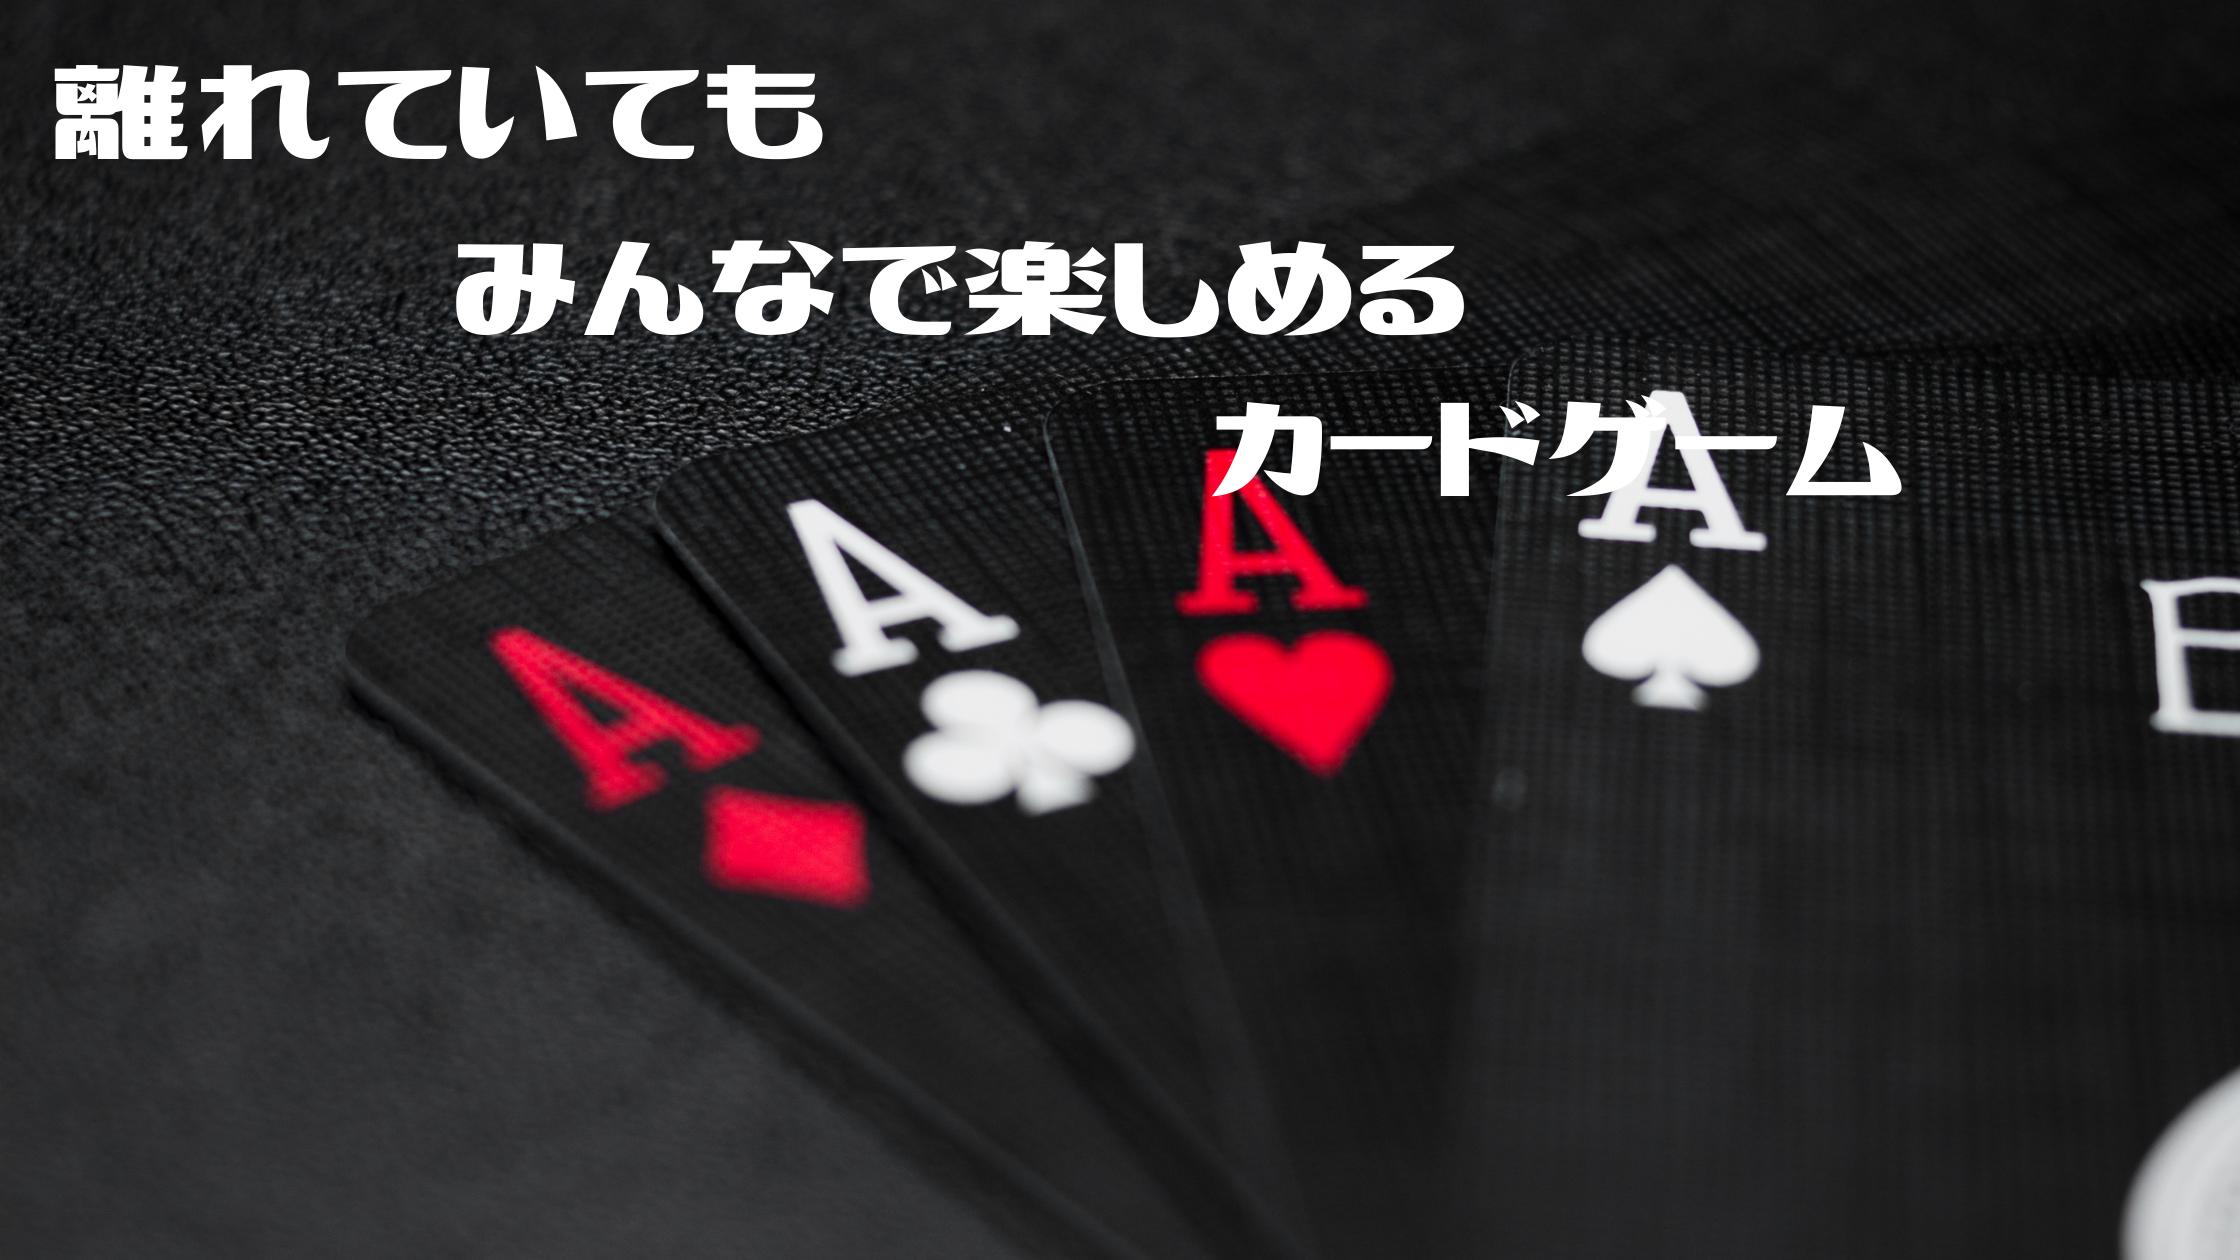 【王様のブランチ】リモートでも楽しめるカードゲーム『ボブジテン』『知ったか映画研究家』『恋愛観が丸わかり』